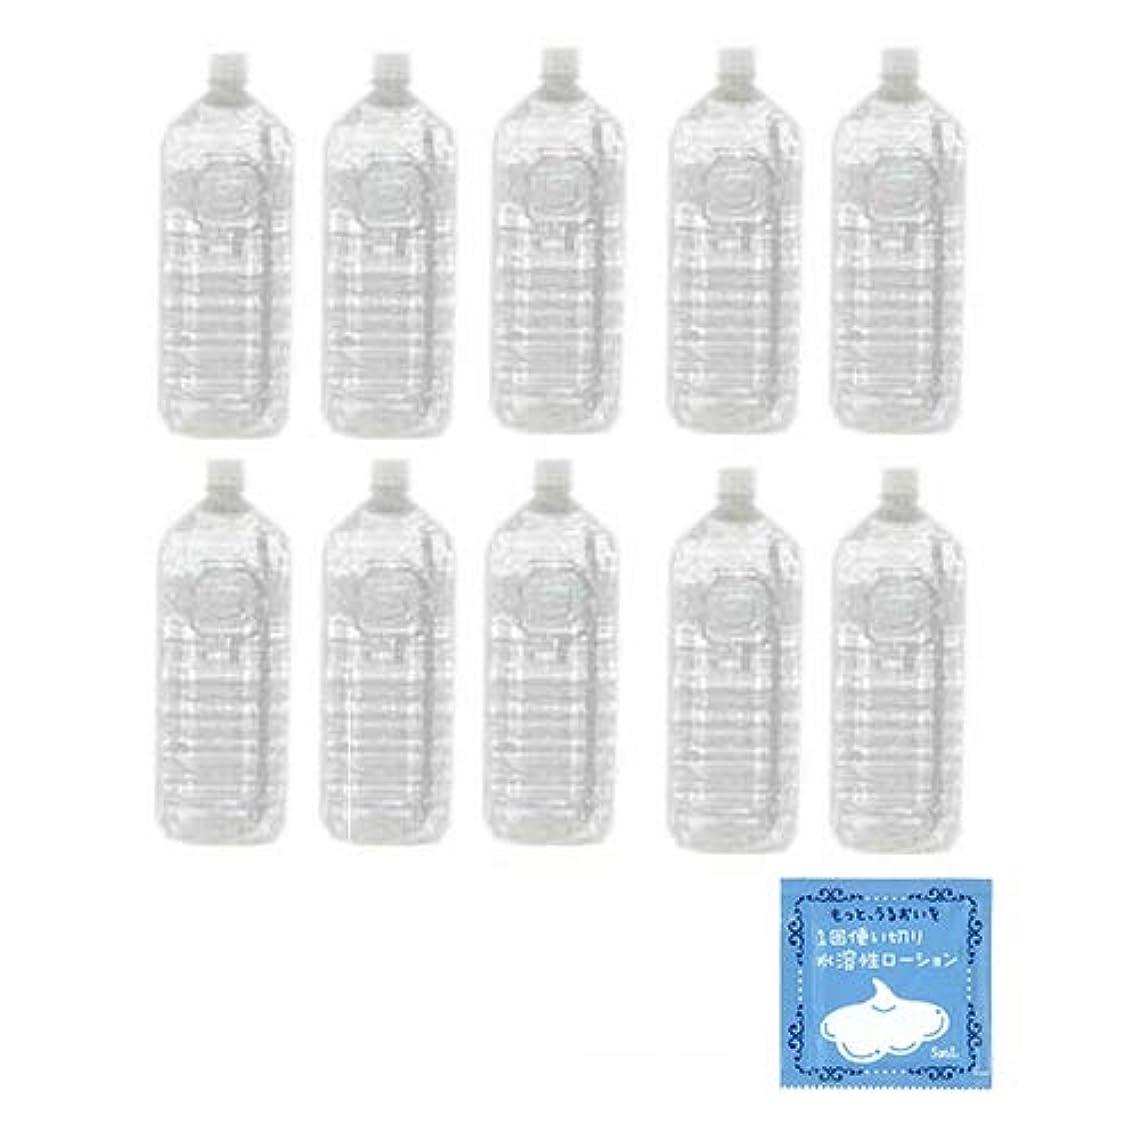 受け入れる選ぶ遅滞クリアローション 2Lペットボトル ハードタイプ(5倍濃縮原液) × 10本セット+ 1回使い切り水溶性潤滑ローション